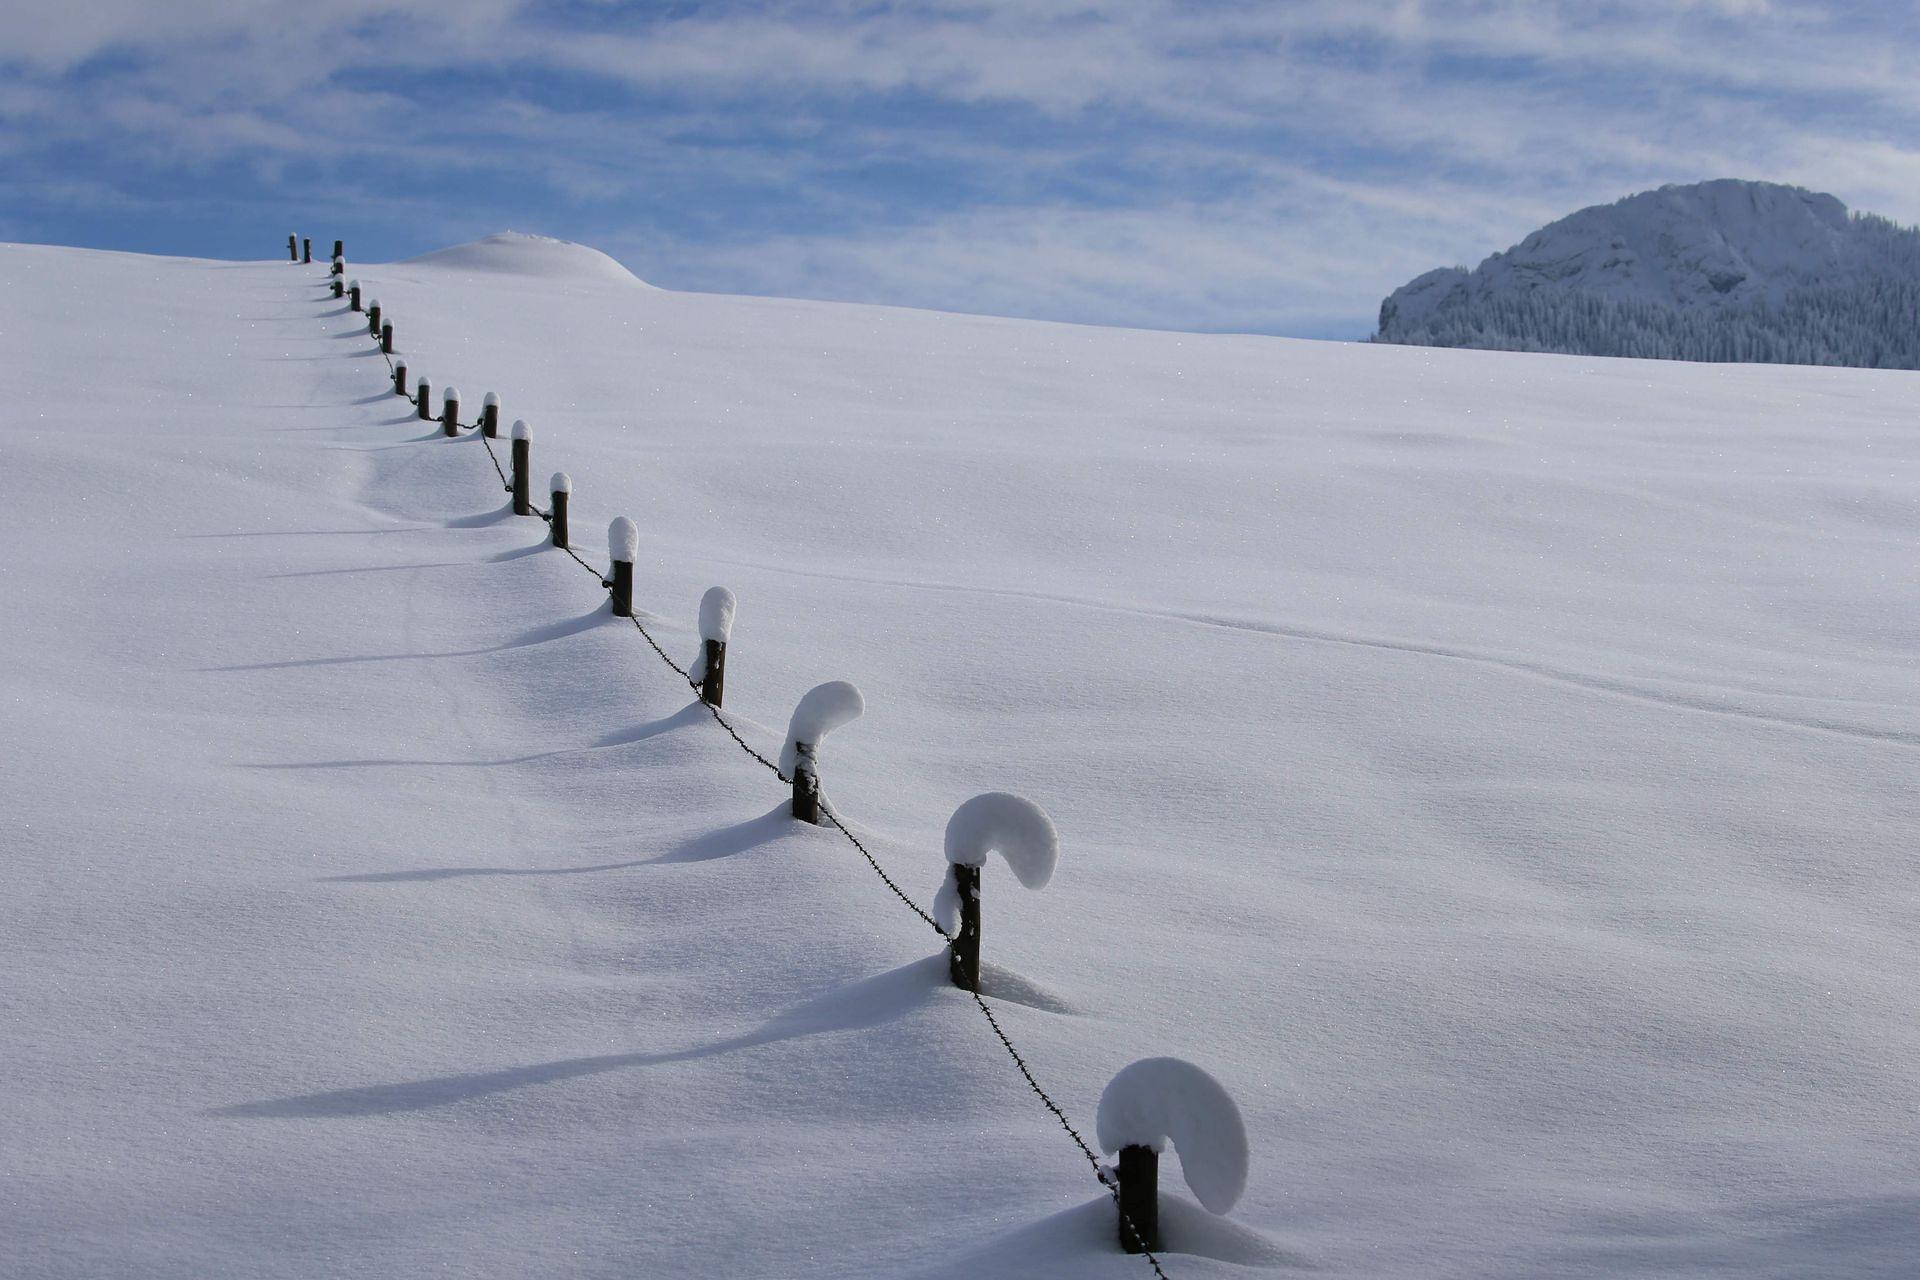 Mùa đông khắc nghiệt với tuyết rơi dày ở nhiều nơi trên thế giới Ảnh 9